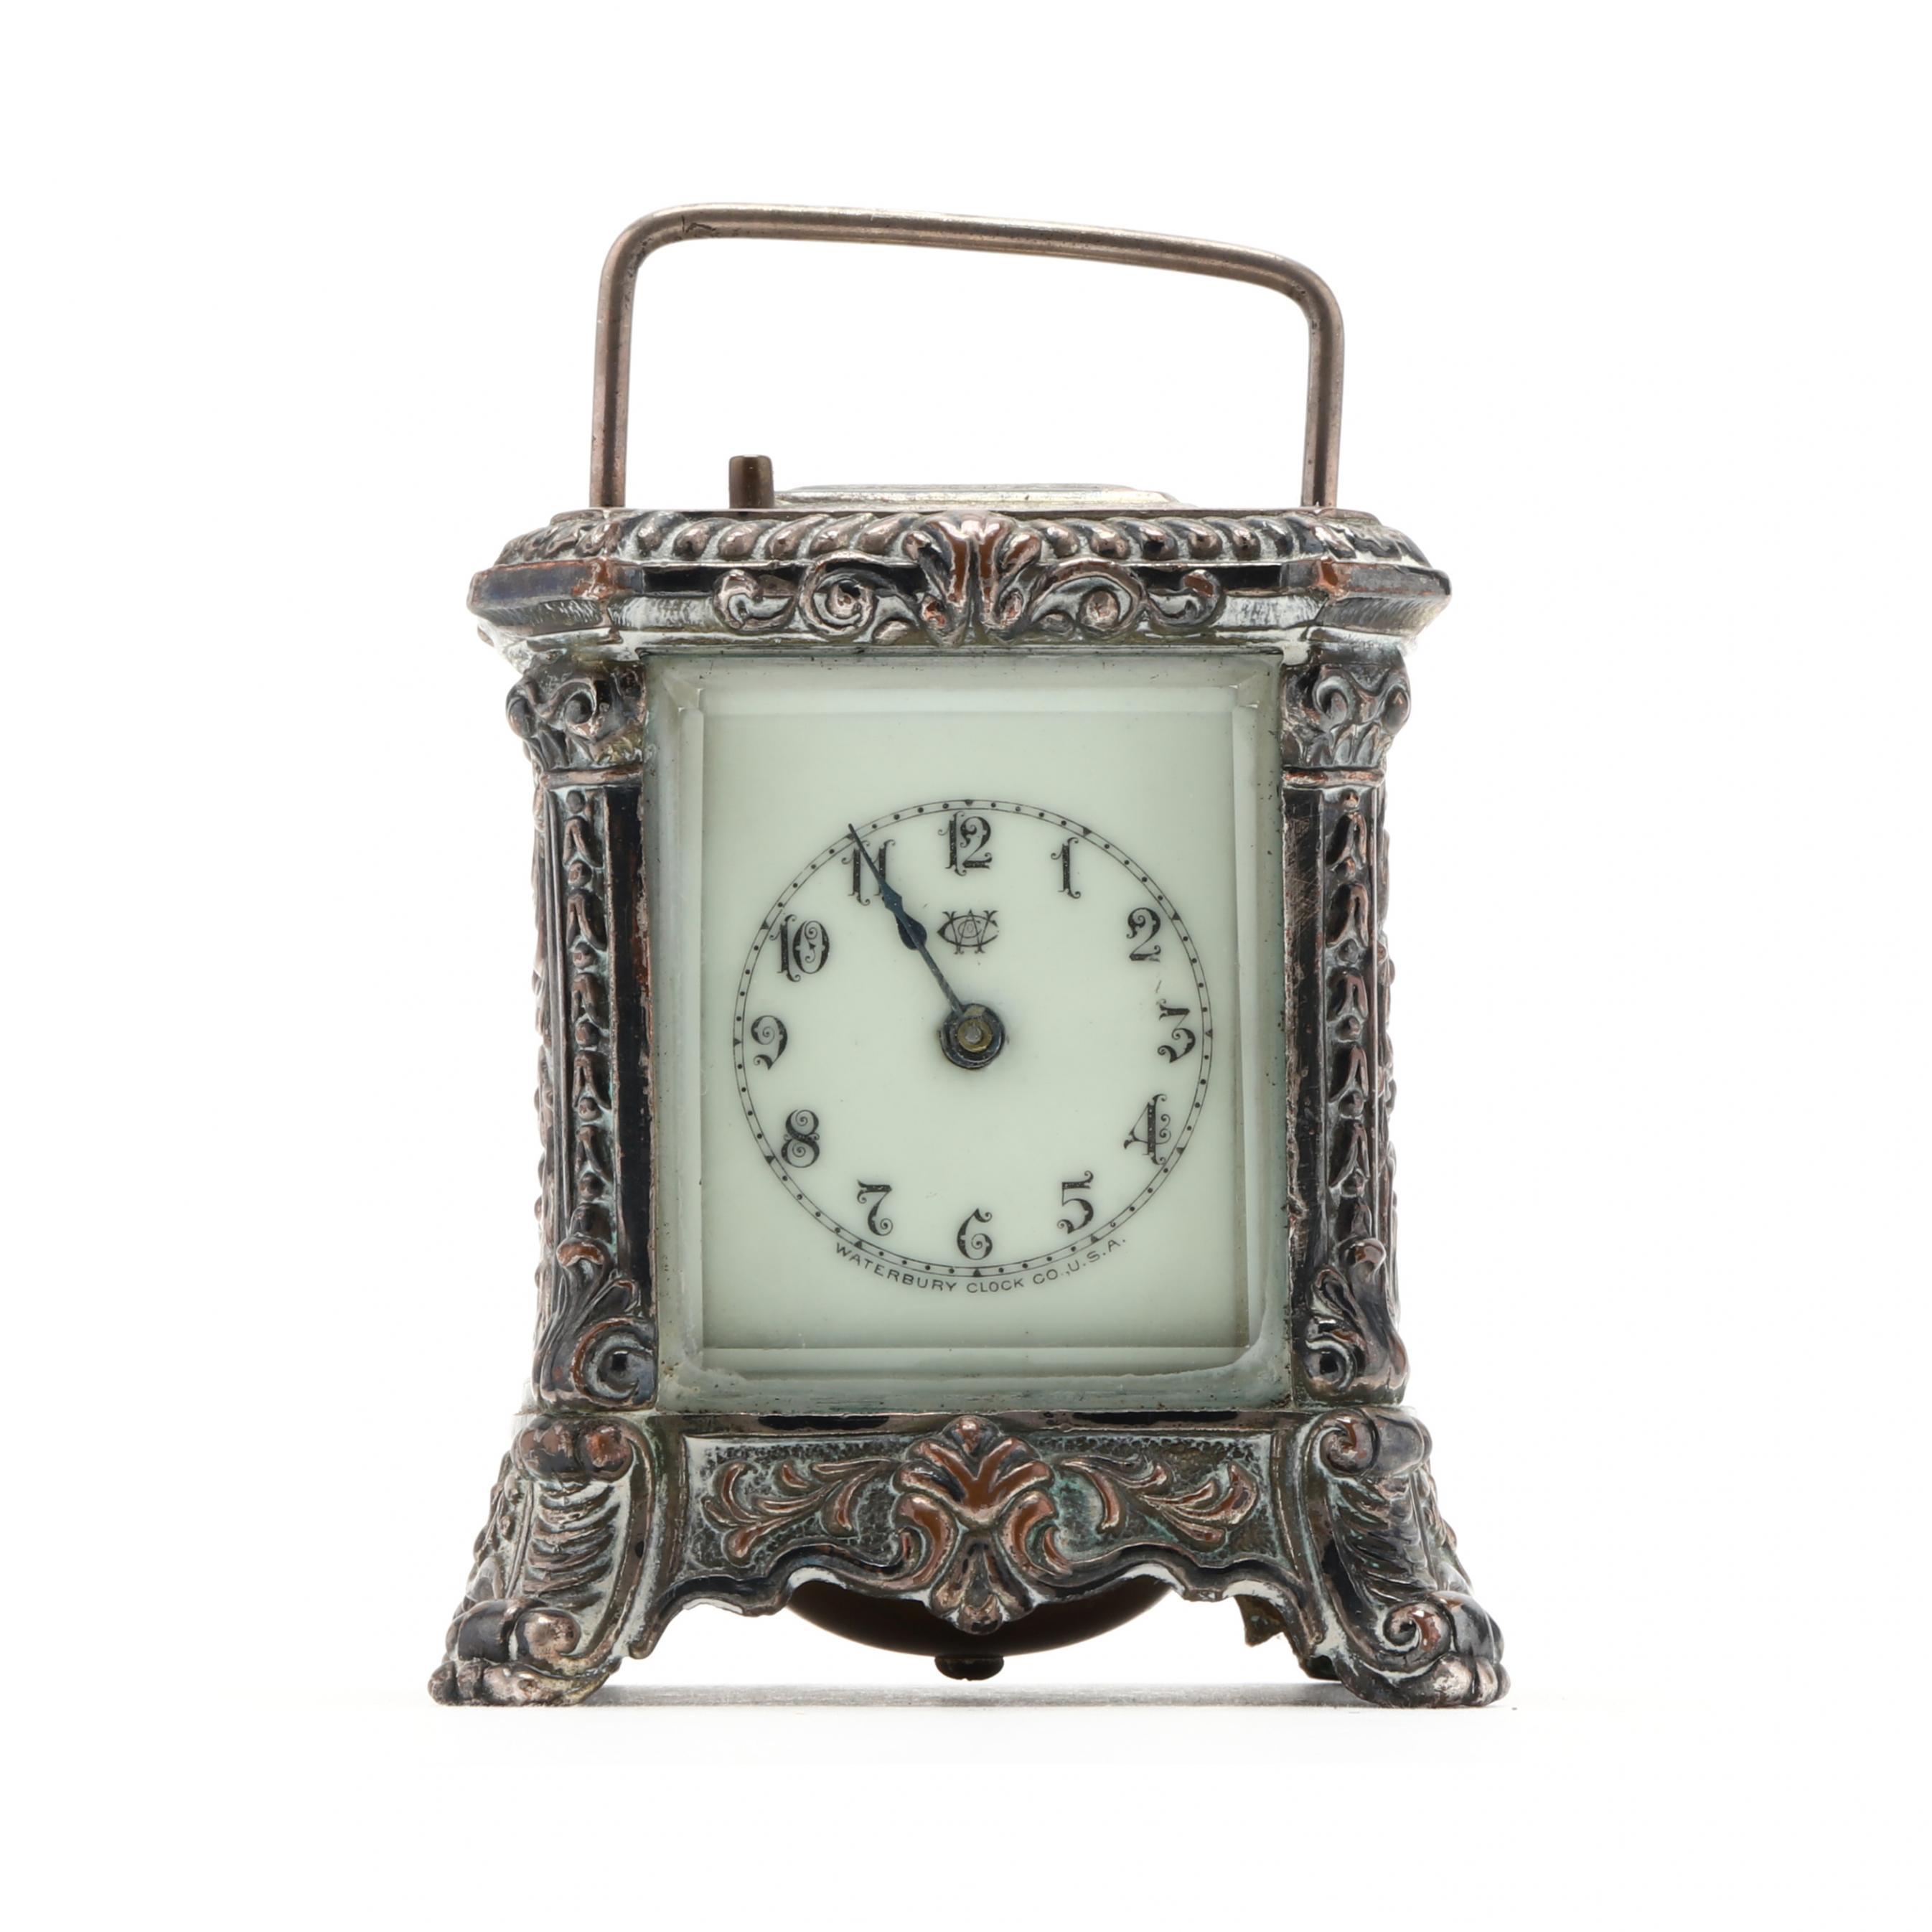 waterbury-silverplate-carriage-clock